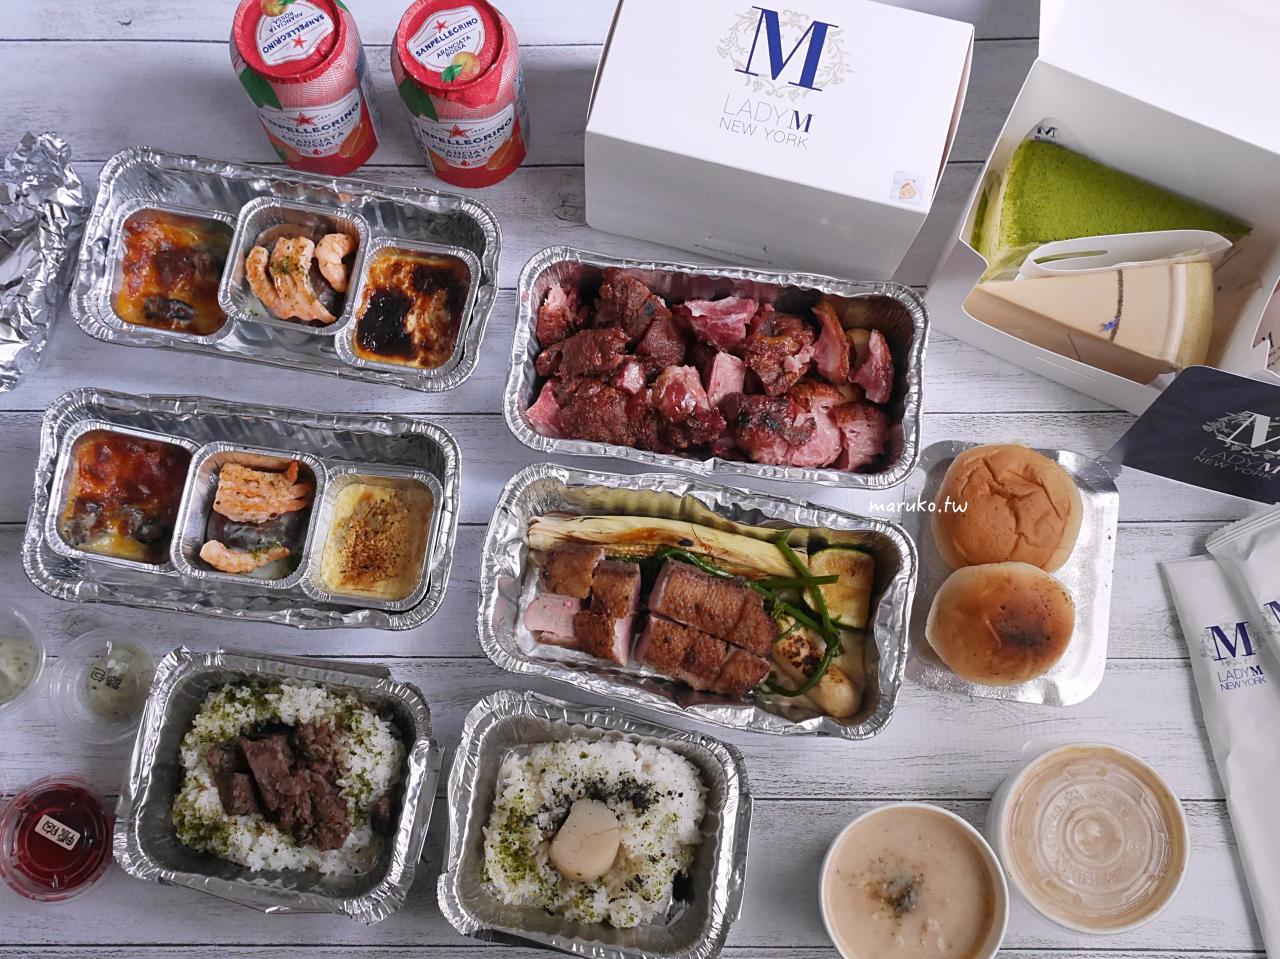 【台北】小法國餐館 沒有招牌的人氣餐廳 七道饗宴外帶套餐只要500元